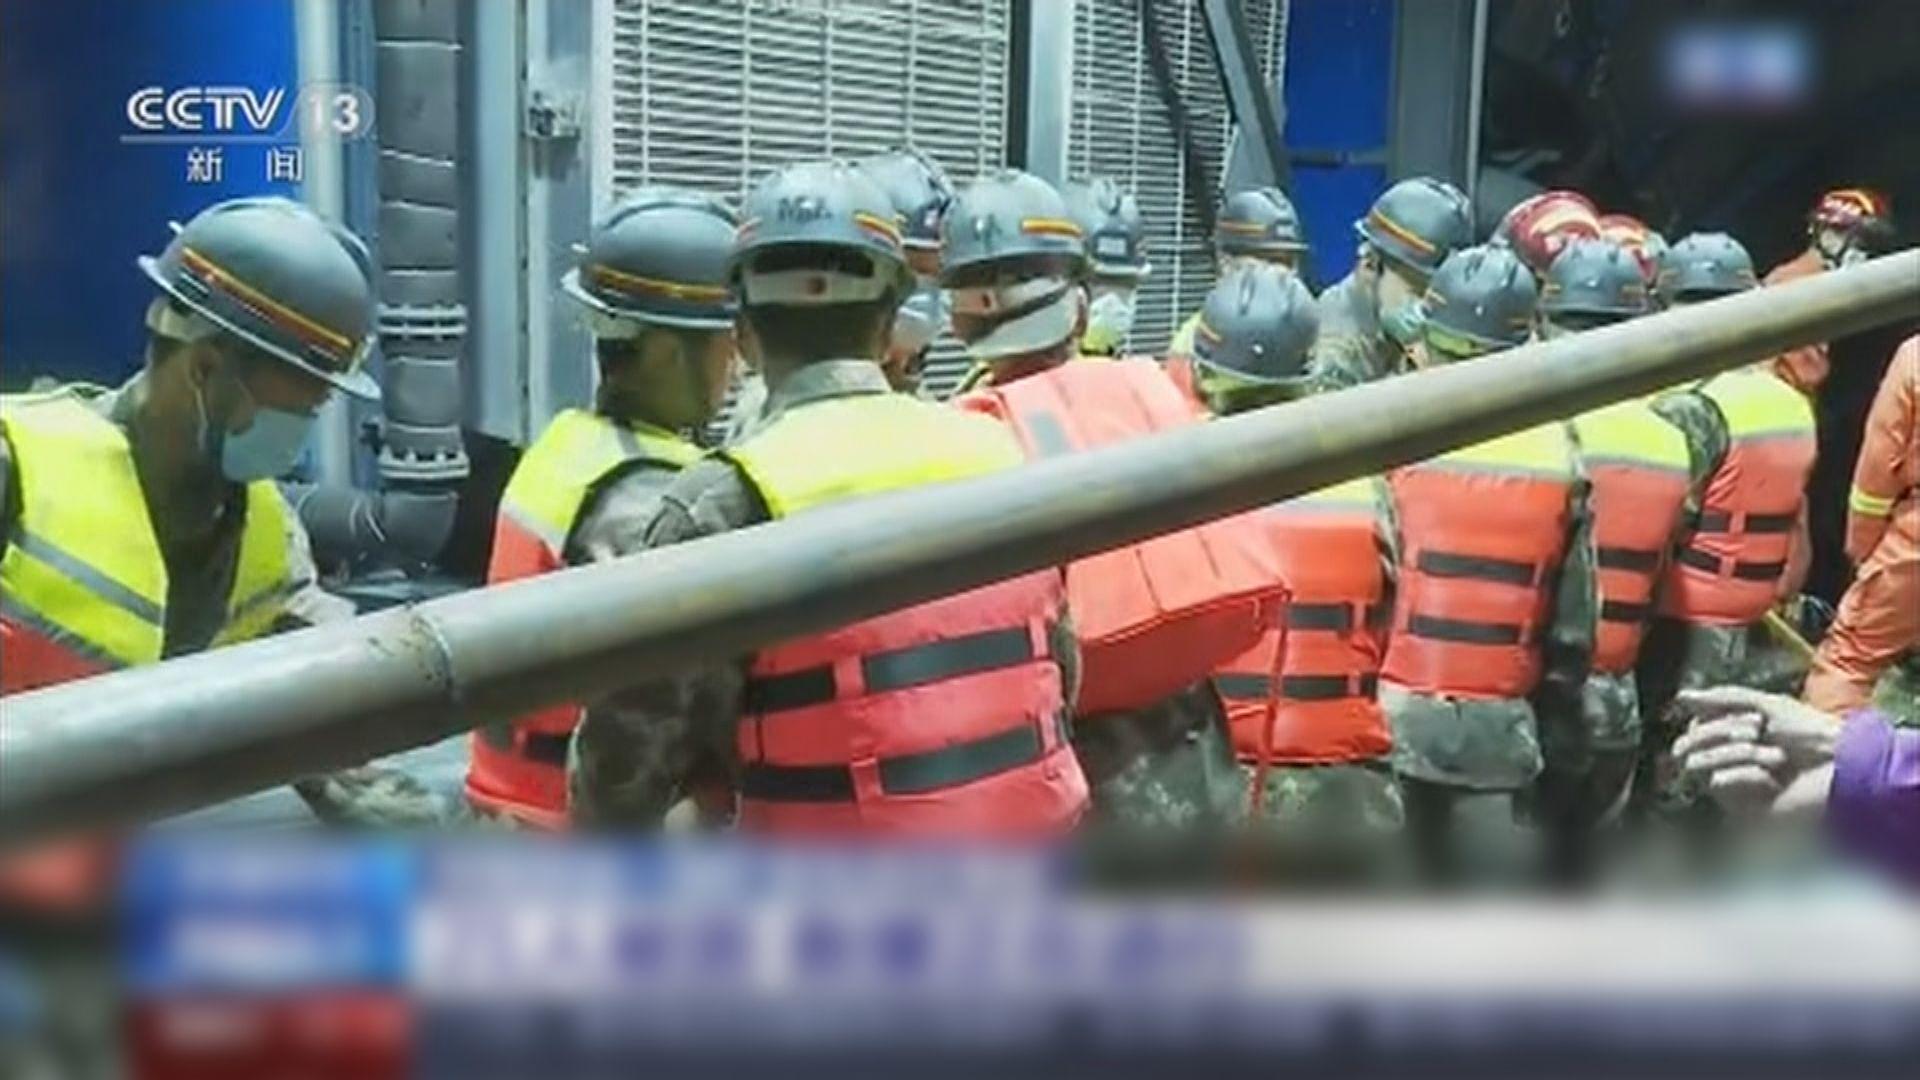 新疆煤礦滲水事故21人被困 井下結構複雜增搜救難度